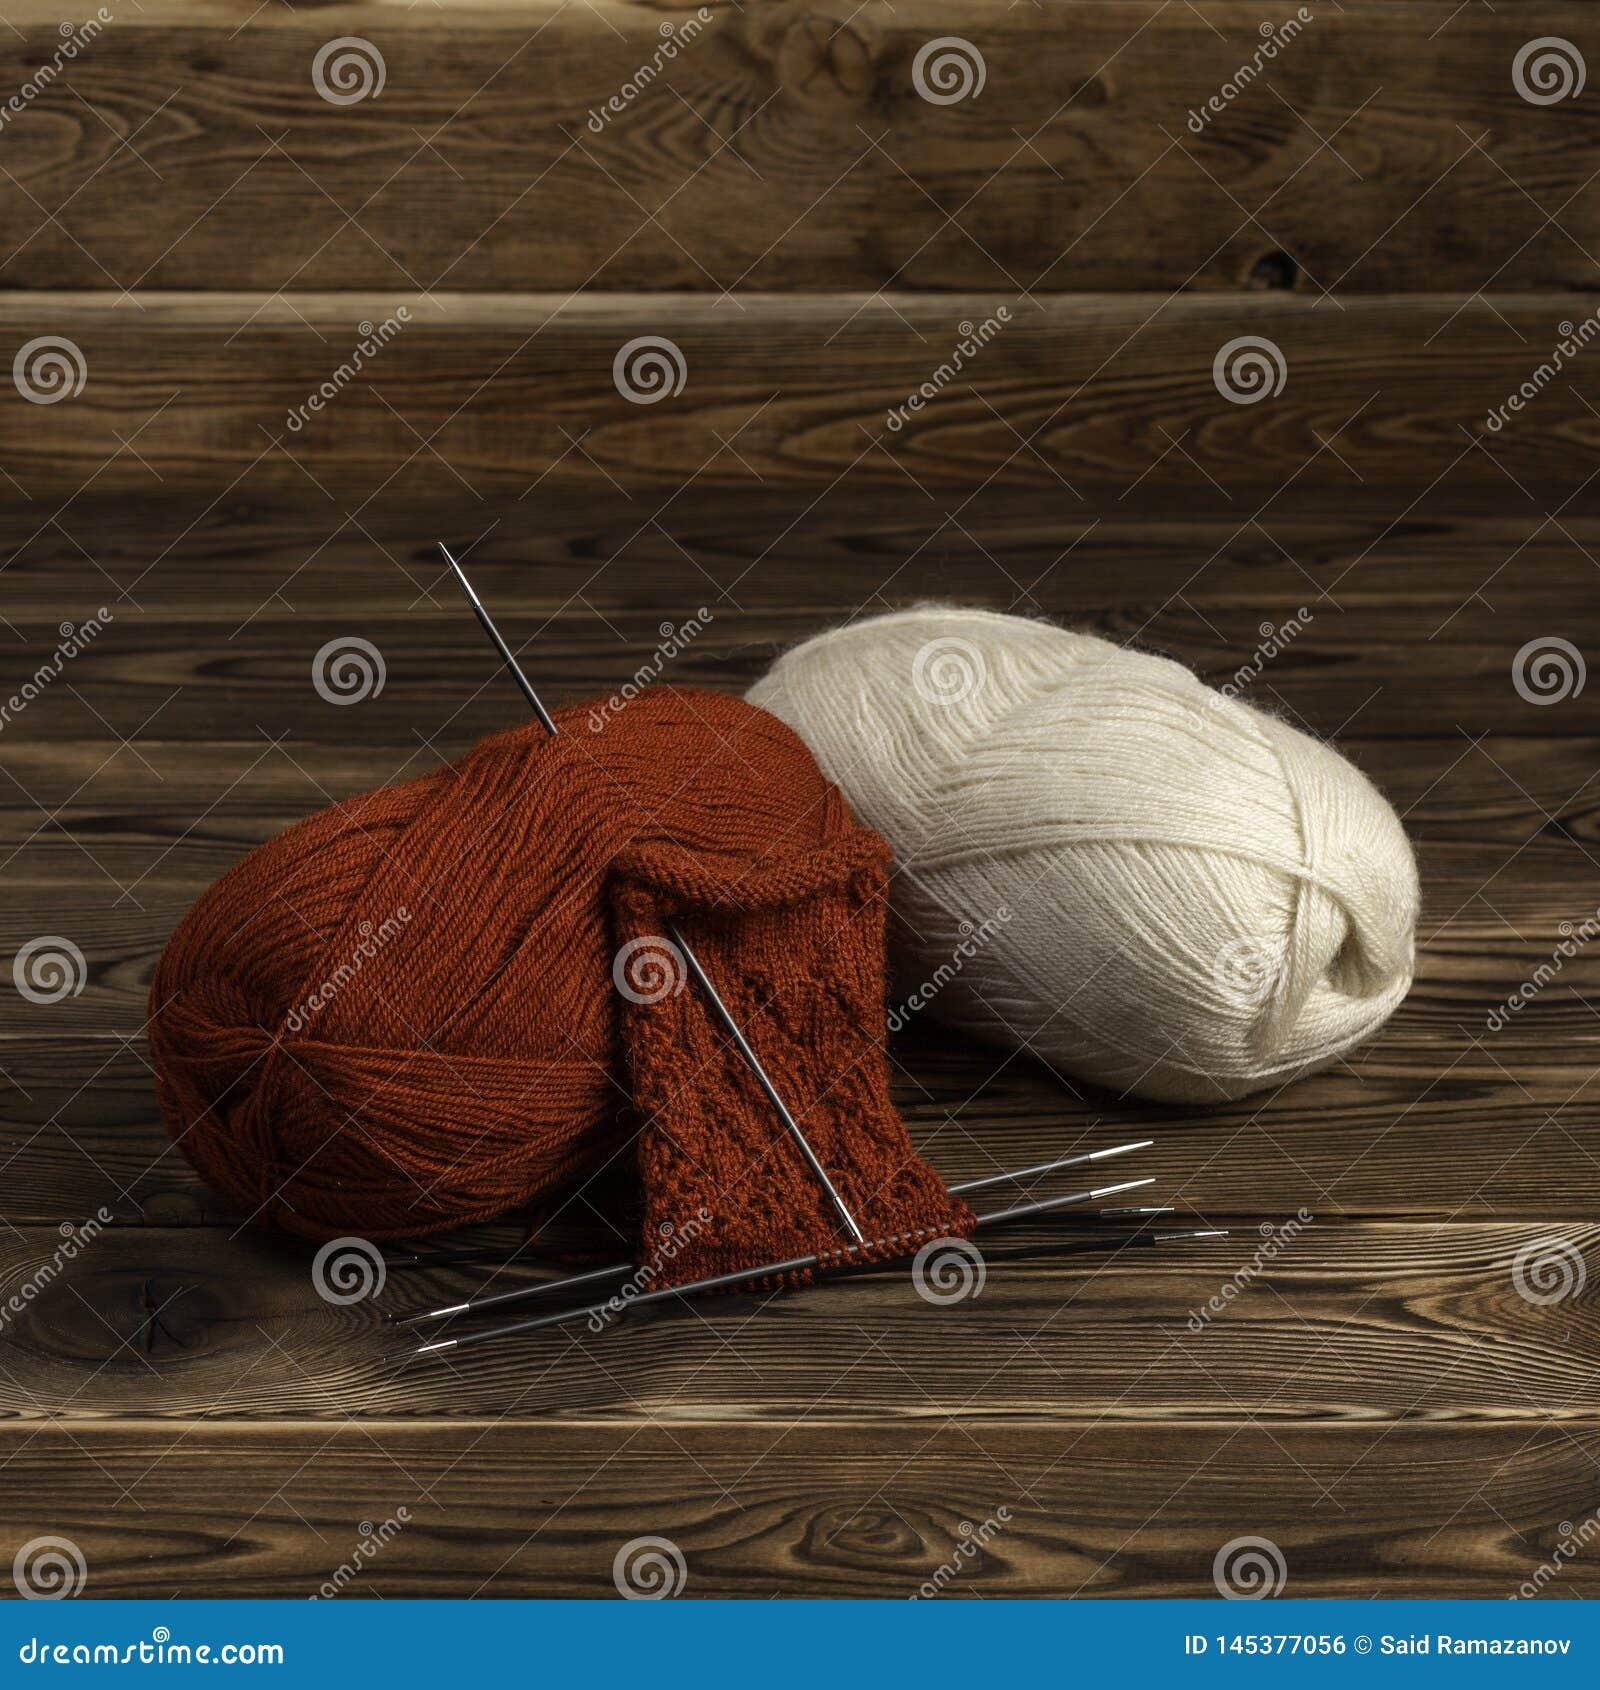 Bolas de agulhas da linha e de confecção de malhas com uma confecção de malhas em um fundo de madeira